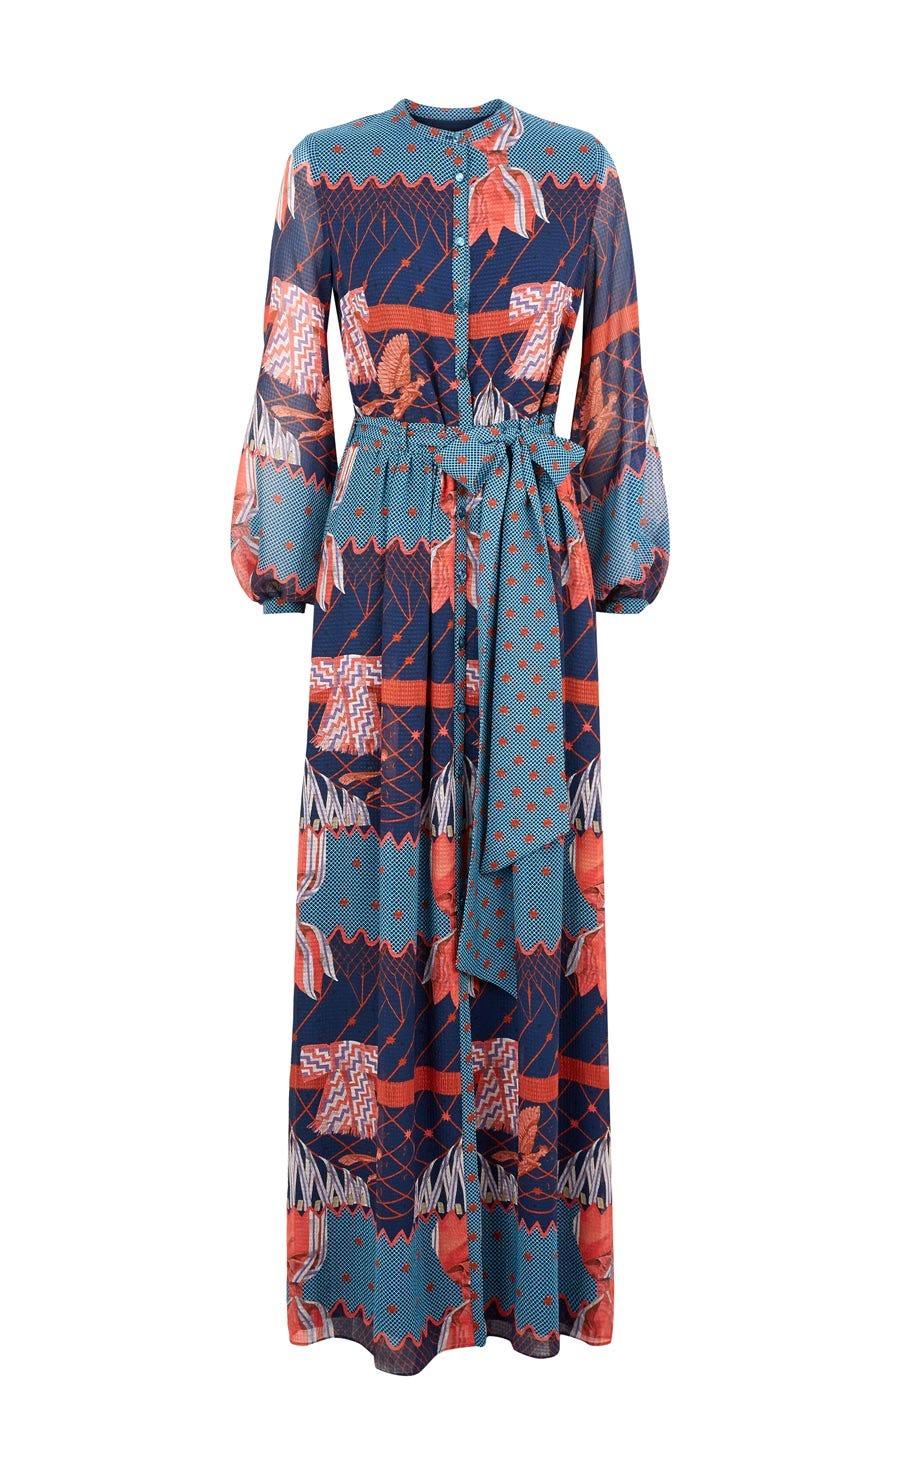 Aerial Printed Long Dress